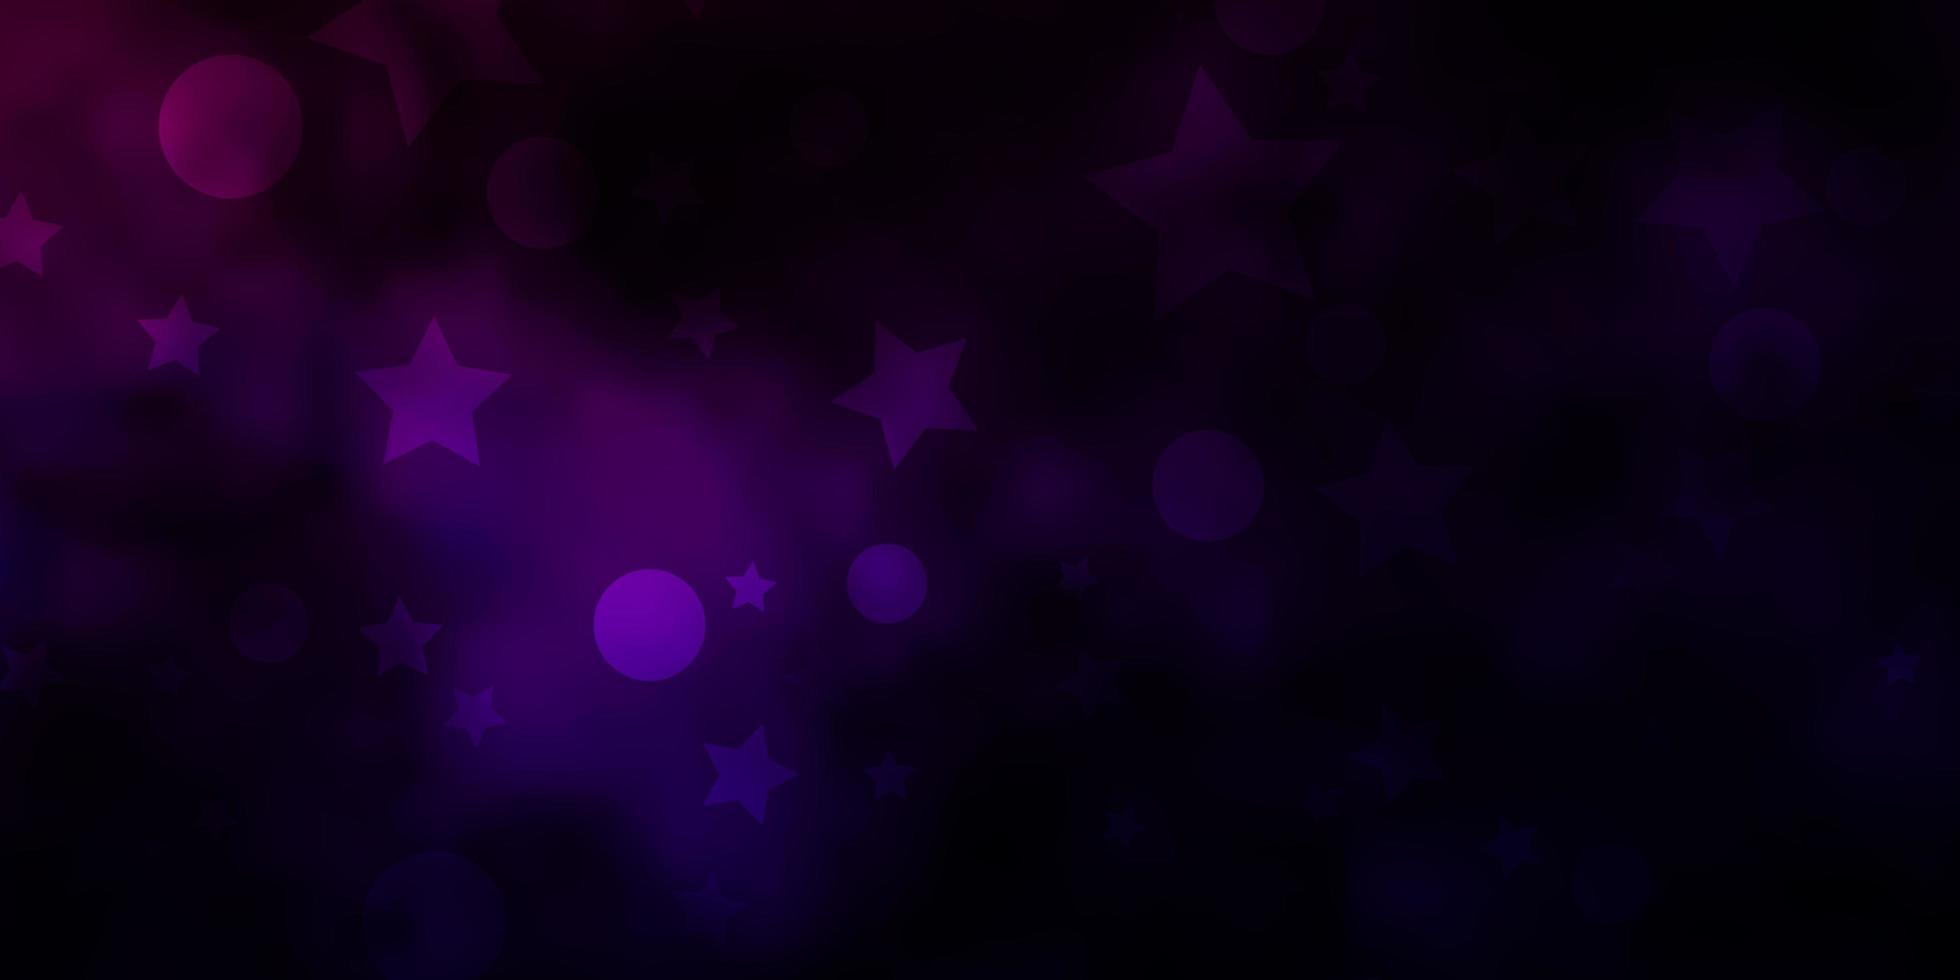 mise en page violet foncé avec des cercles et des étoiles. vecteur